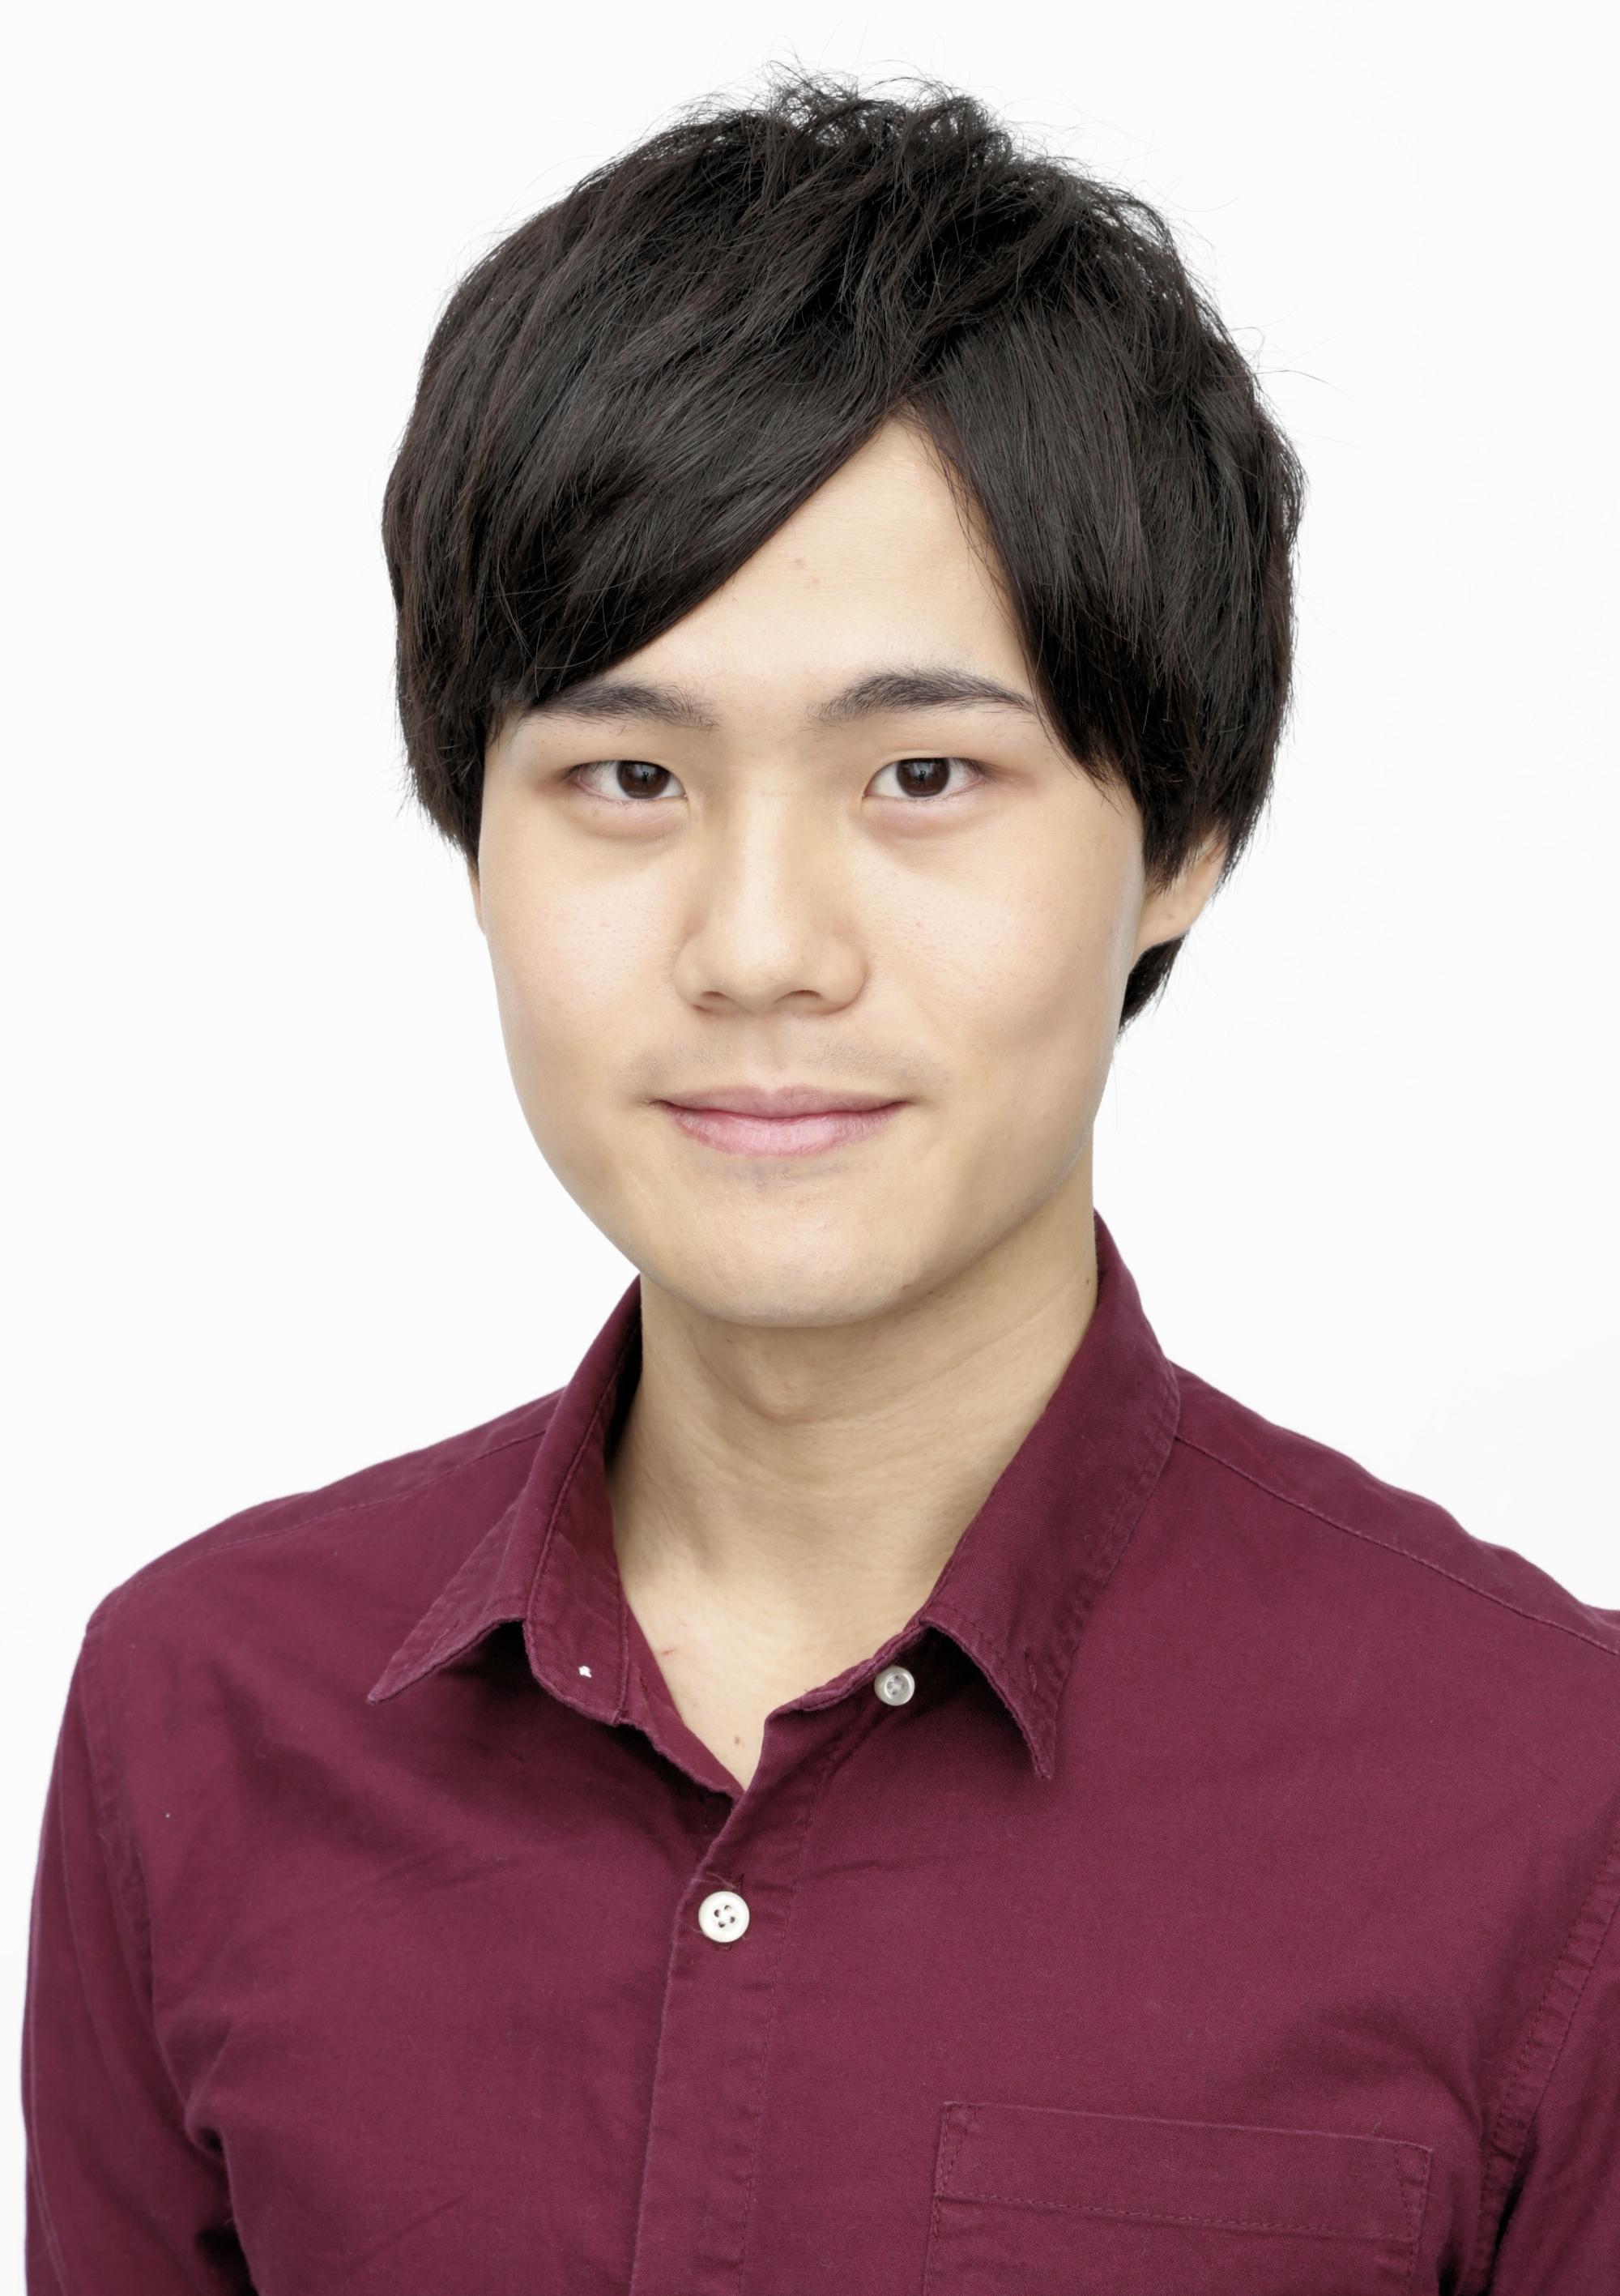 Yasunao Sakai